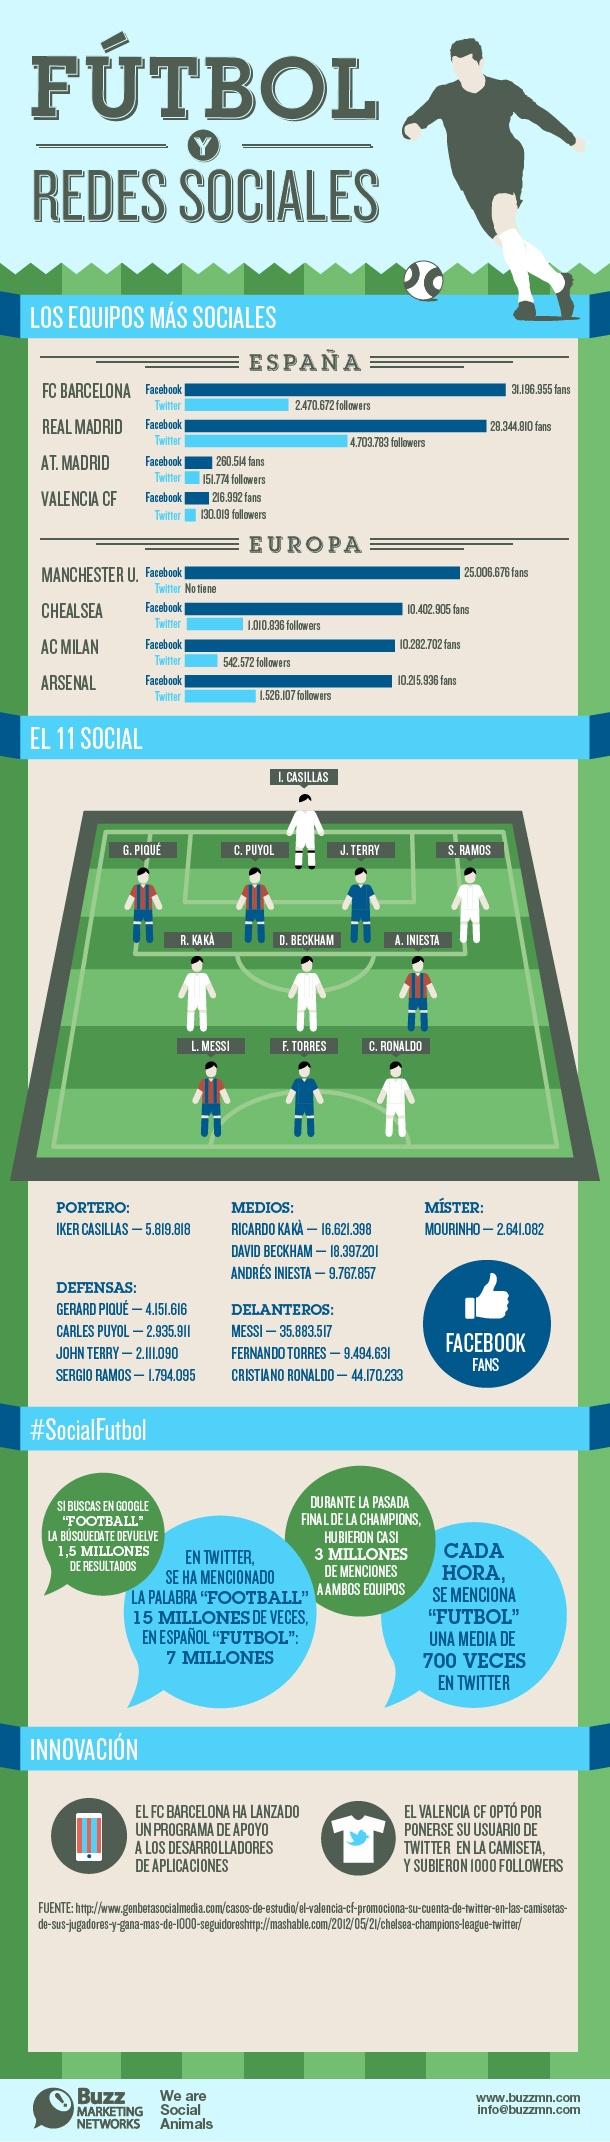 futbol y redes